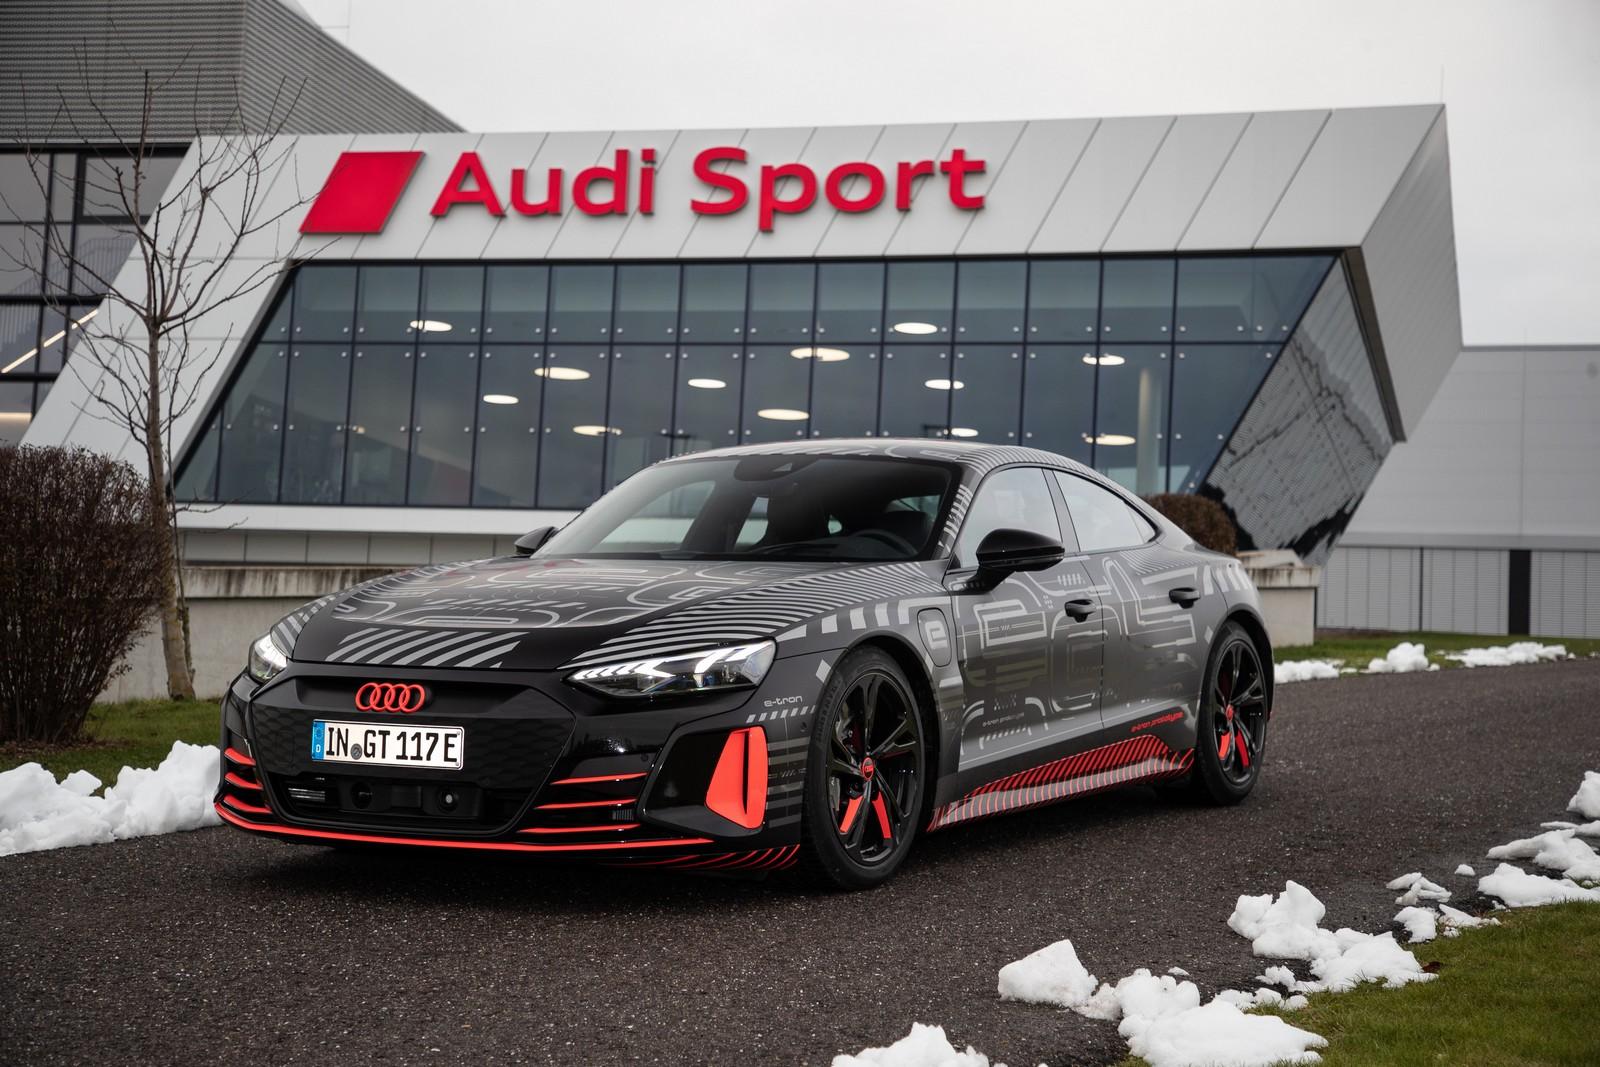 Audi E Tron Gt Enters Series Production: Carbon Neutral Producti